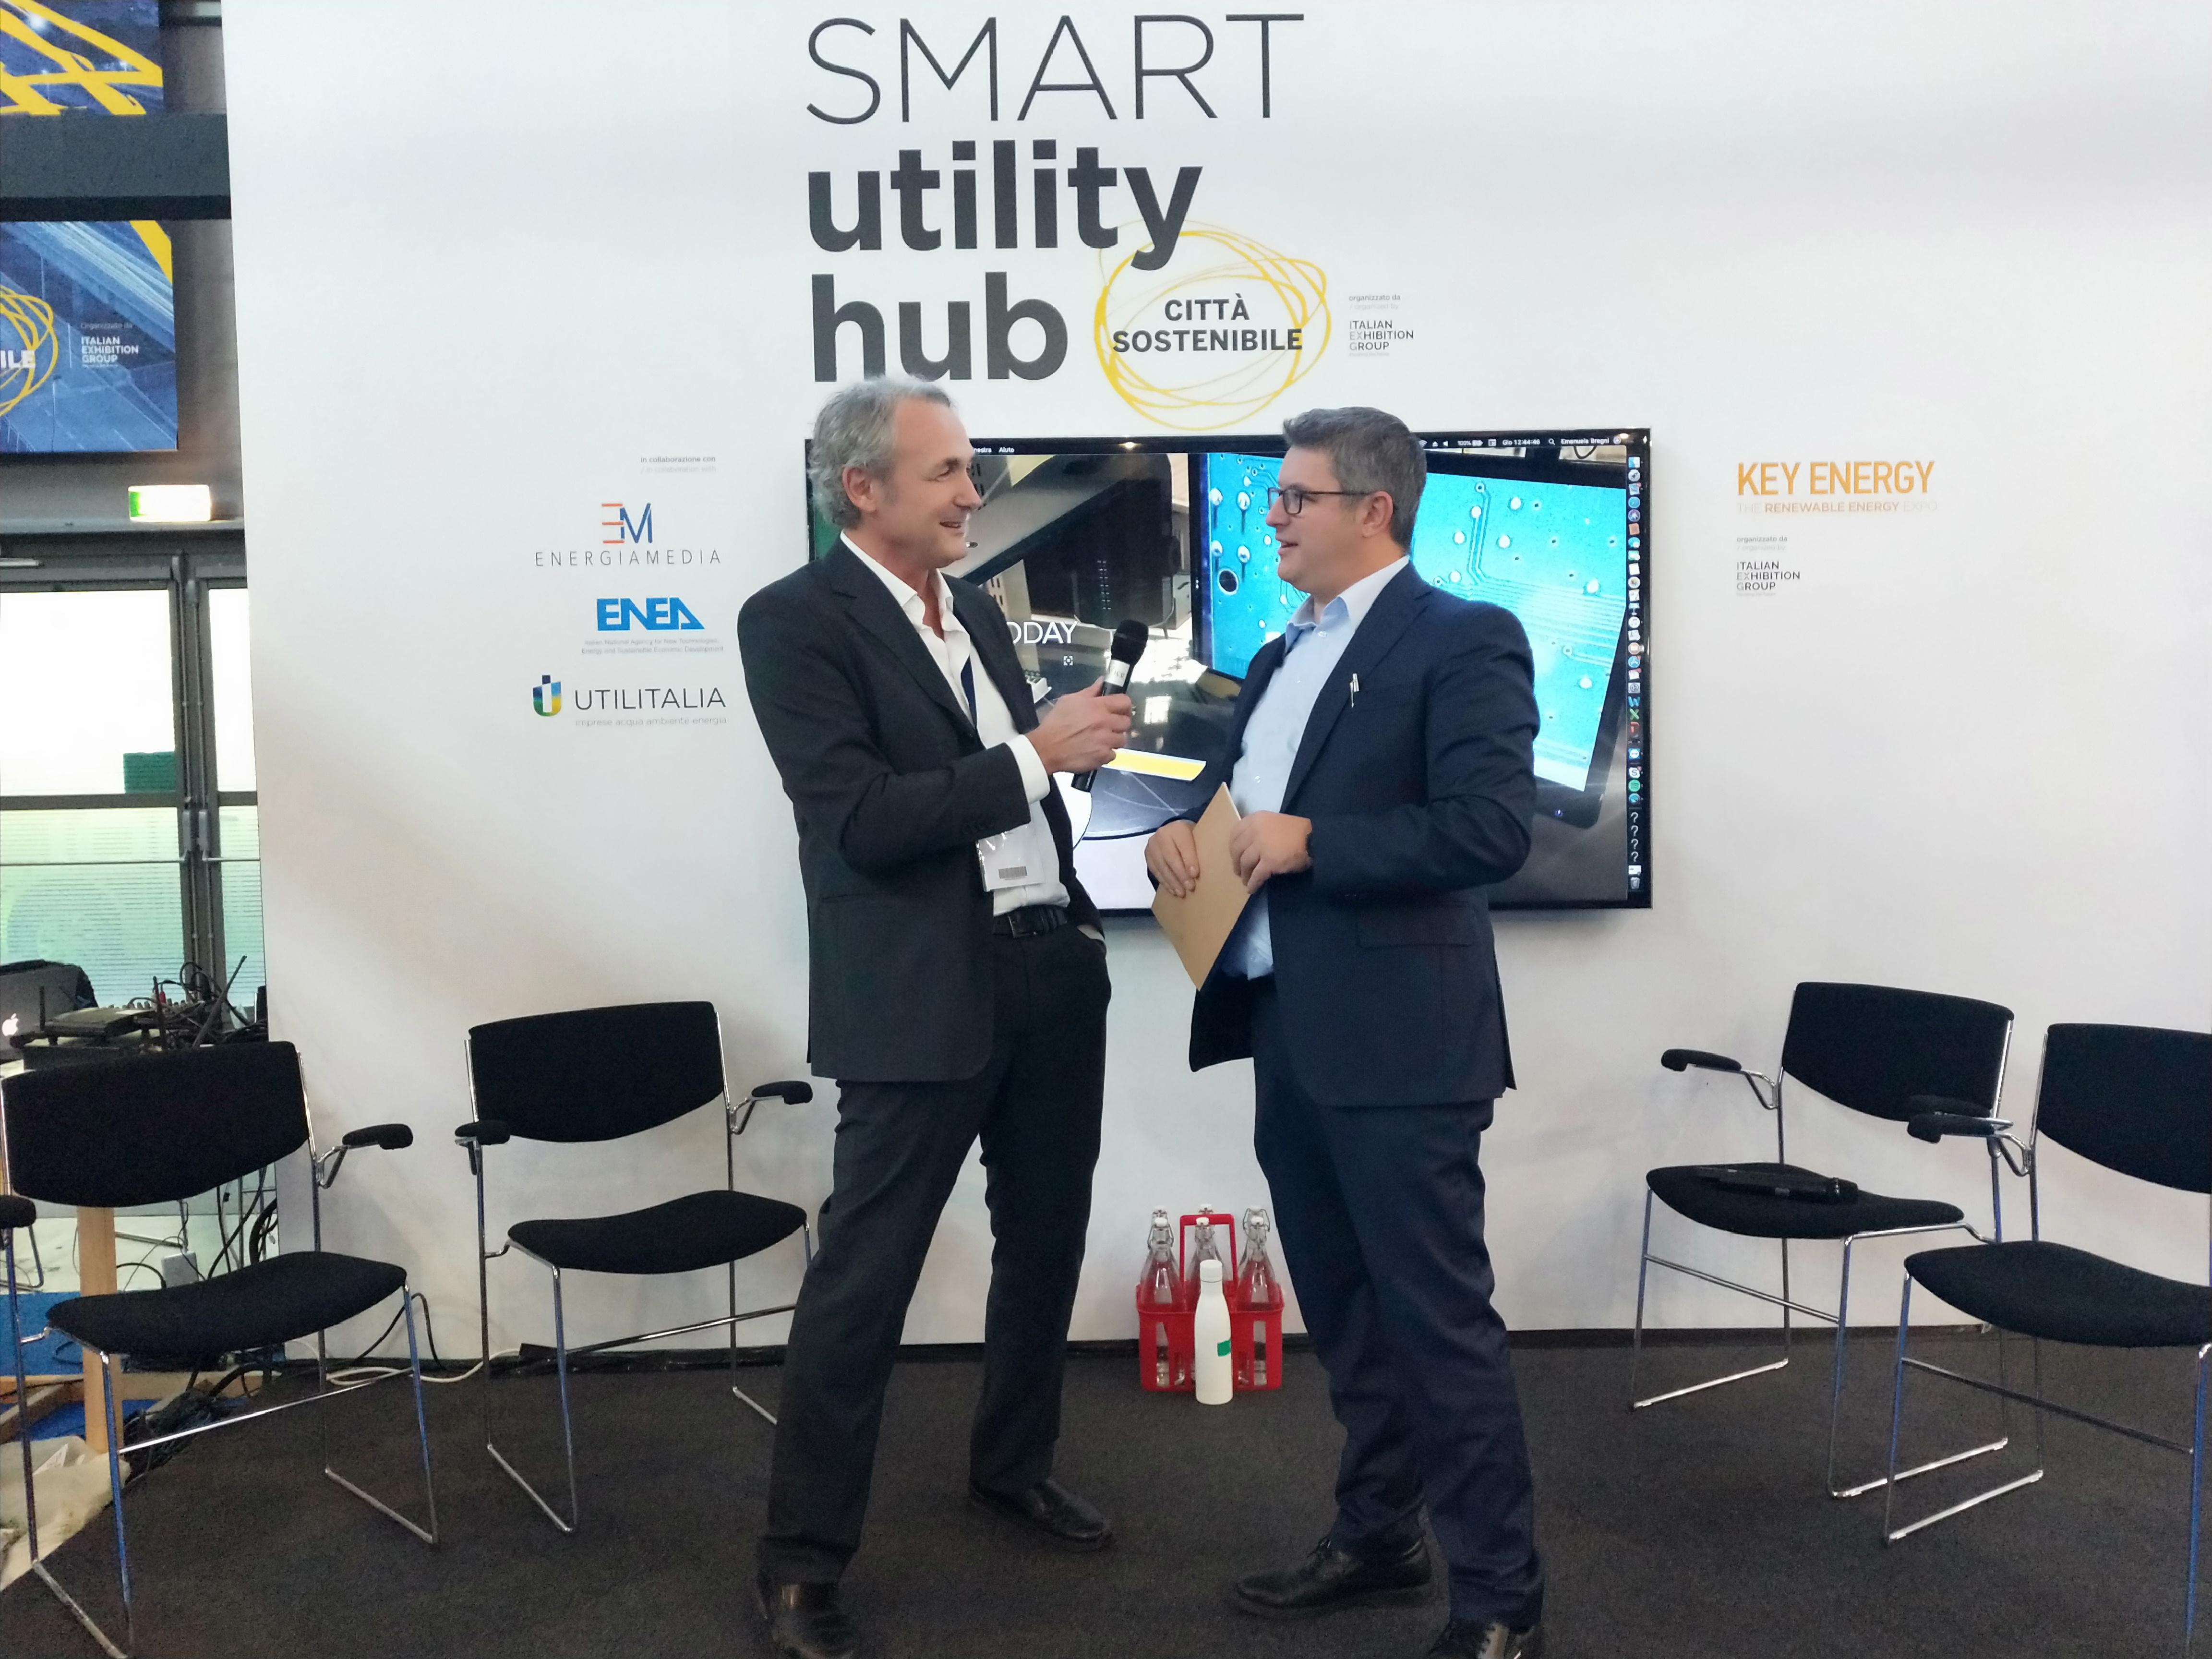 L'evoluzione dei servizi di pubblica utilità in ottica Smart City